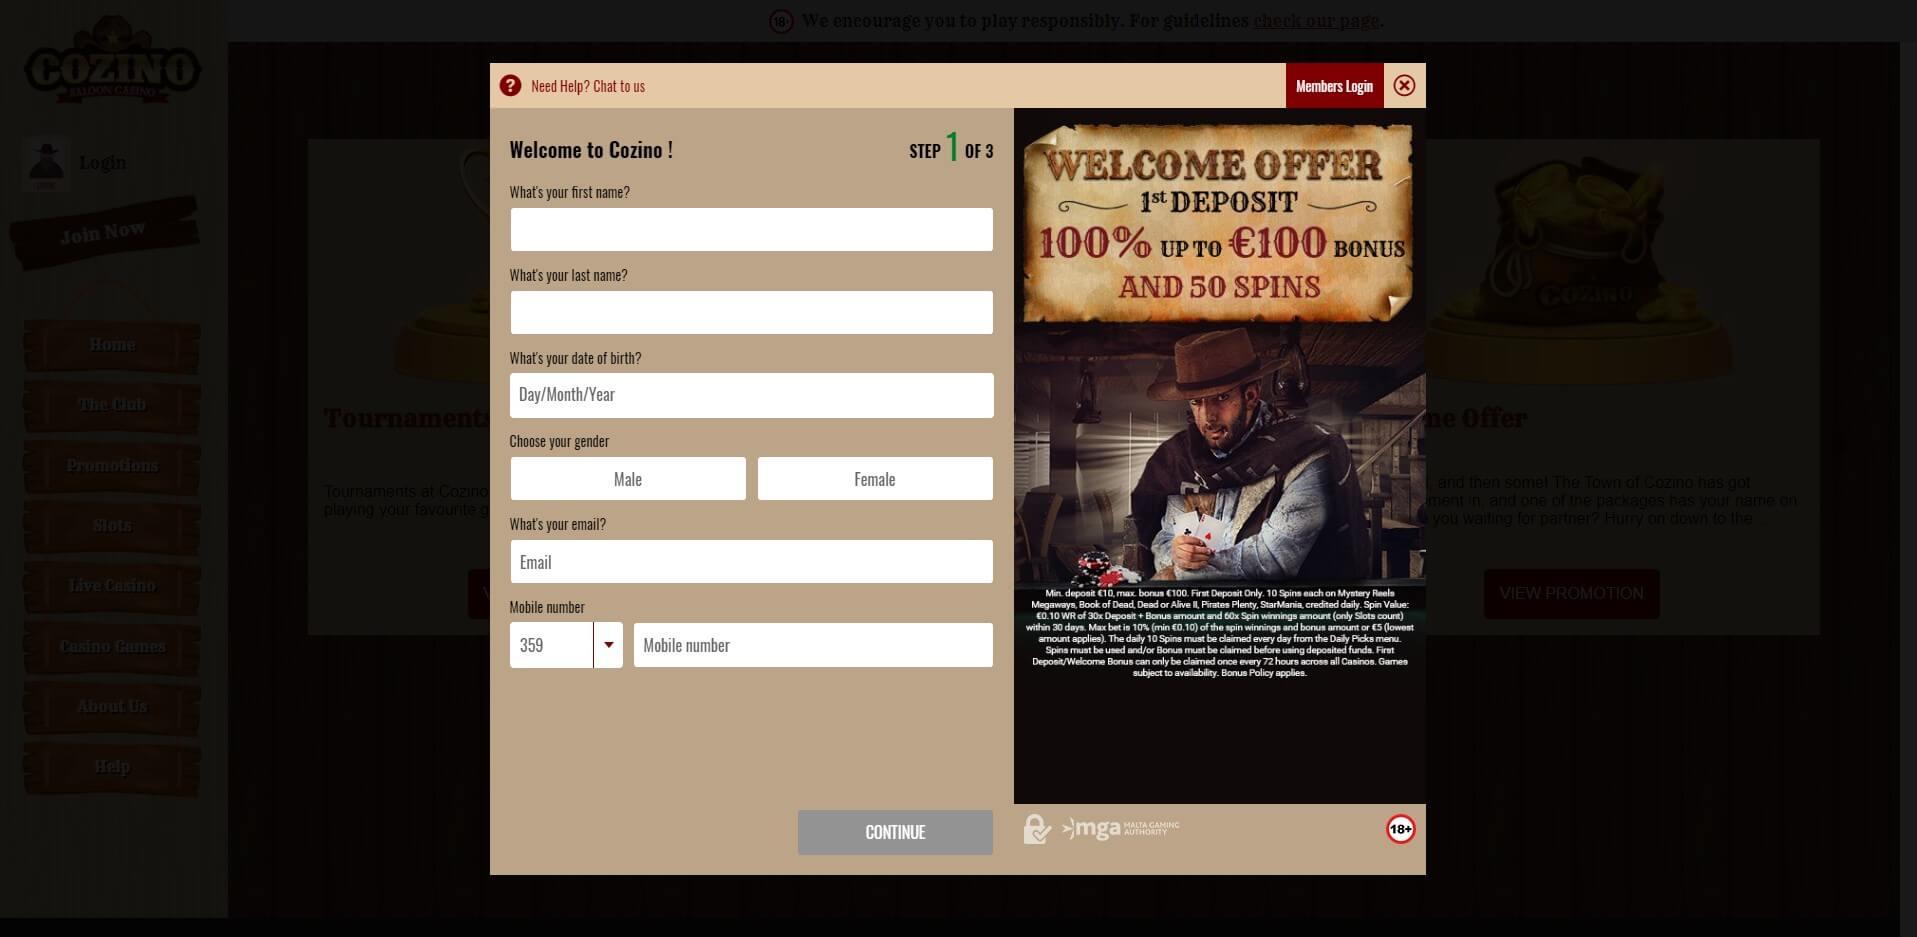 Sign Up at Cozino Casino